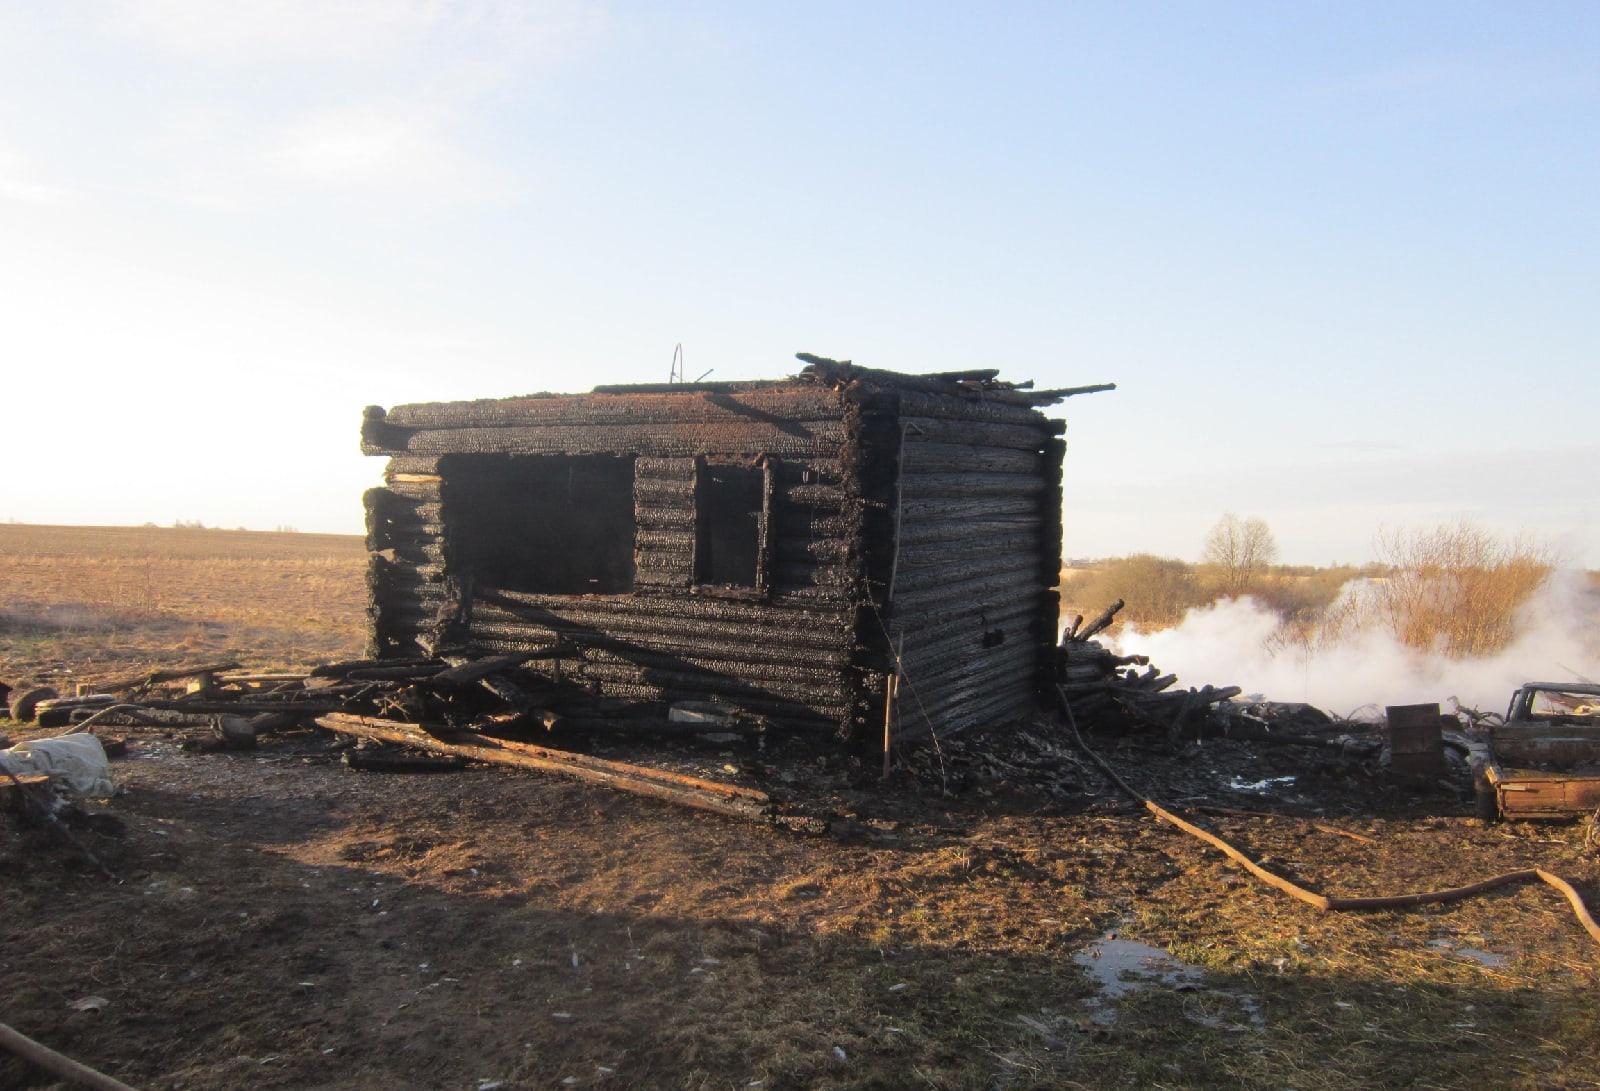 Следователи опрашивают жителей деревни Тверской области, где в огне пожара погибли два человека